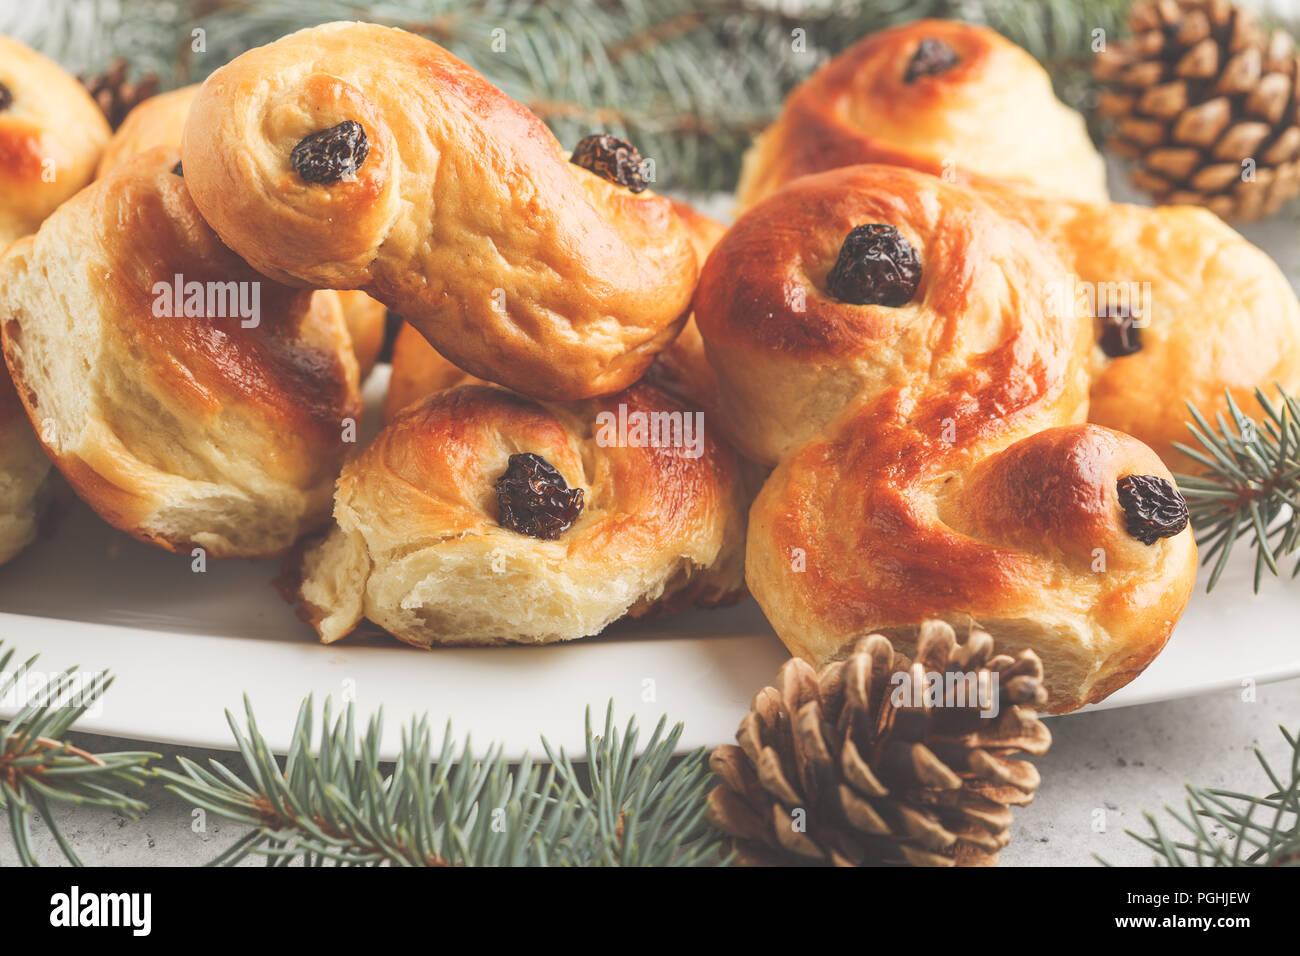 Noël suédois traditionnel (petits pains au safran ou lussebulle lussekatt). Noël suédois. Fond blanc, décoration de Noël. Banque D'Images